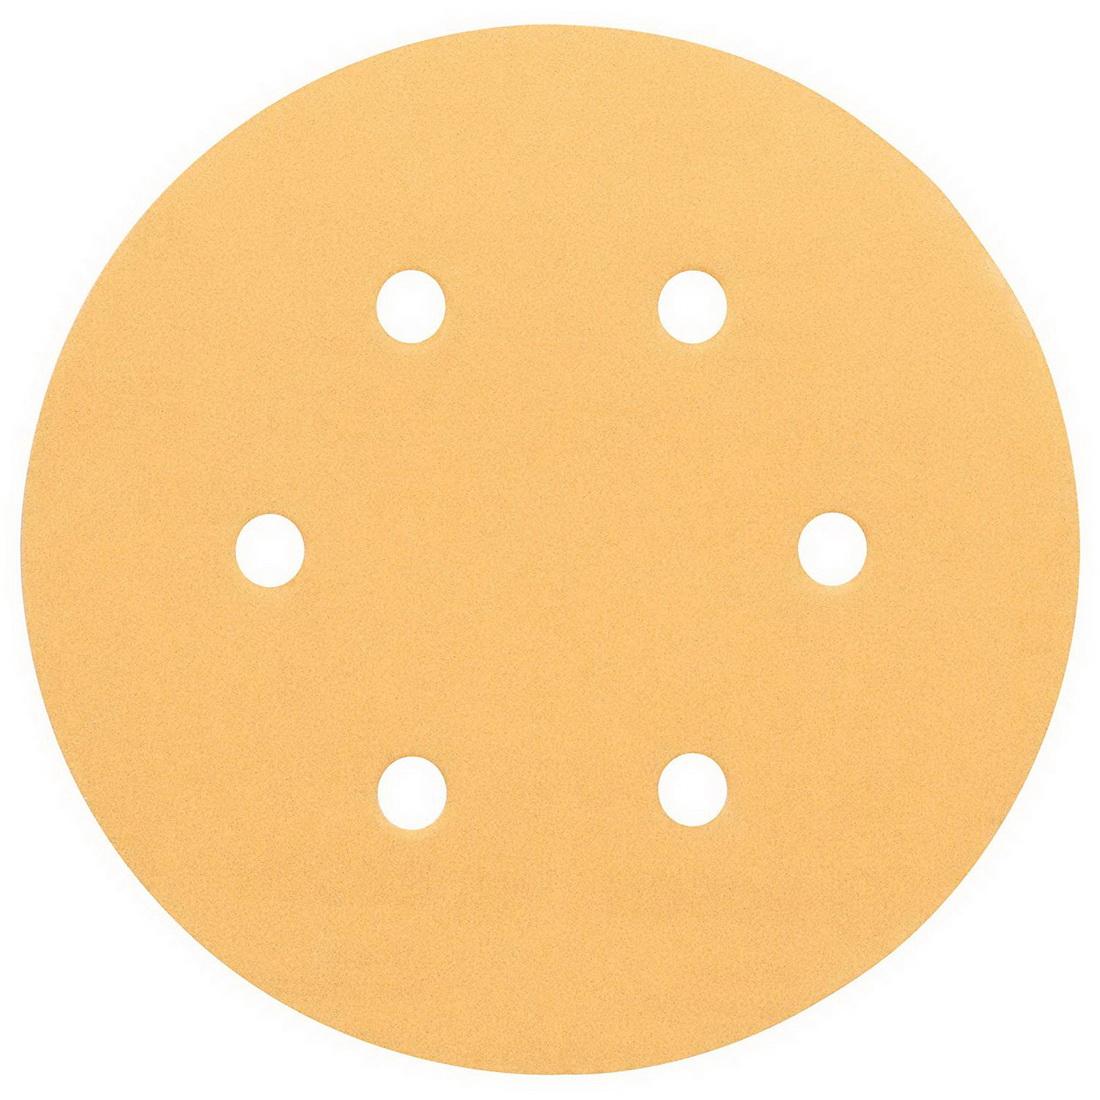 6-Hole C470 Random Orbital Sanding Disc For Wood 150mm 40 Grit 5 pack 2608605085